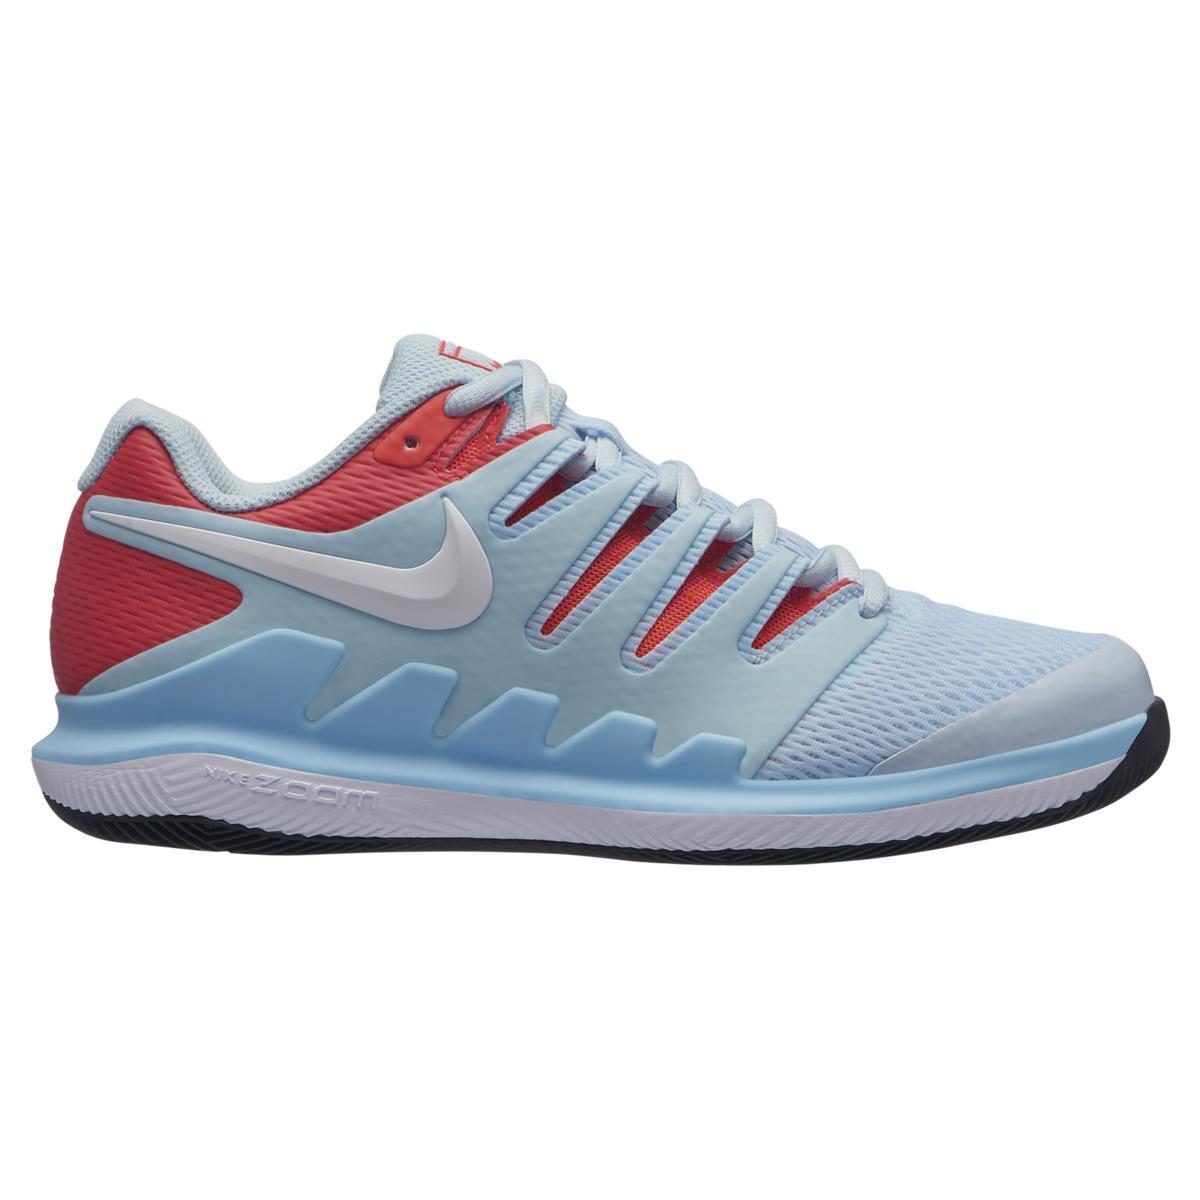 finest selection 805c4 d0edc Nike. Women s Blue Air Zoom Vapor X Tennis padel Shoes